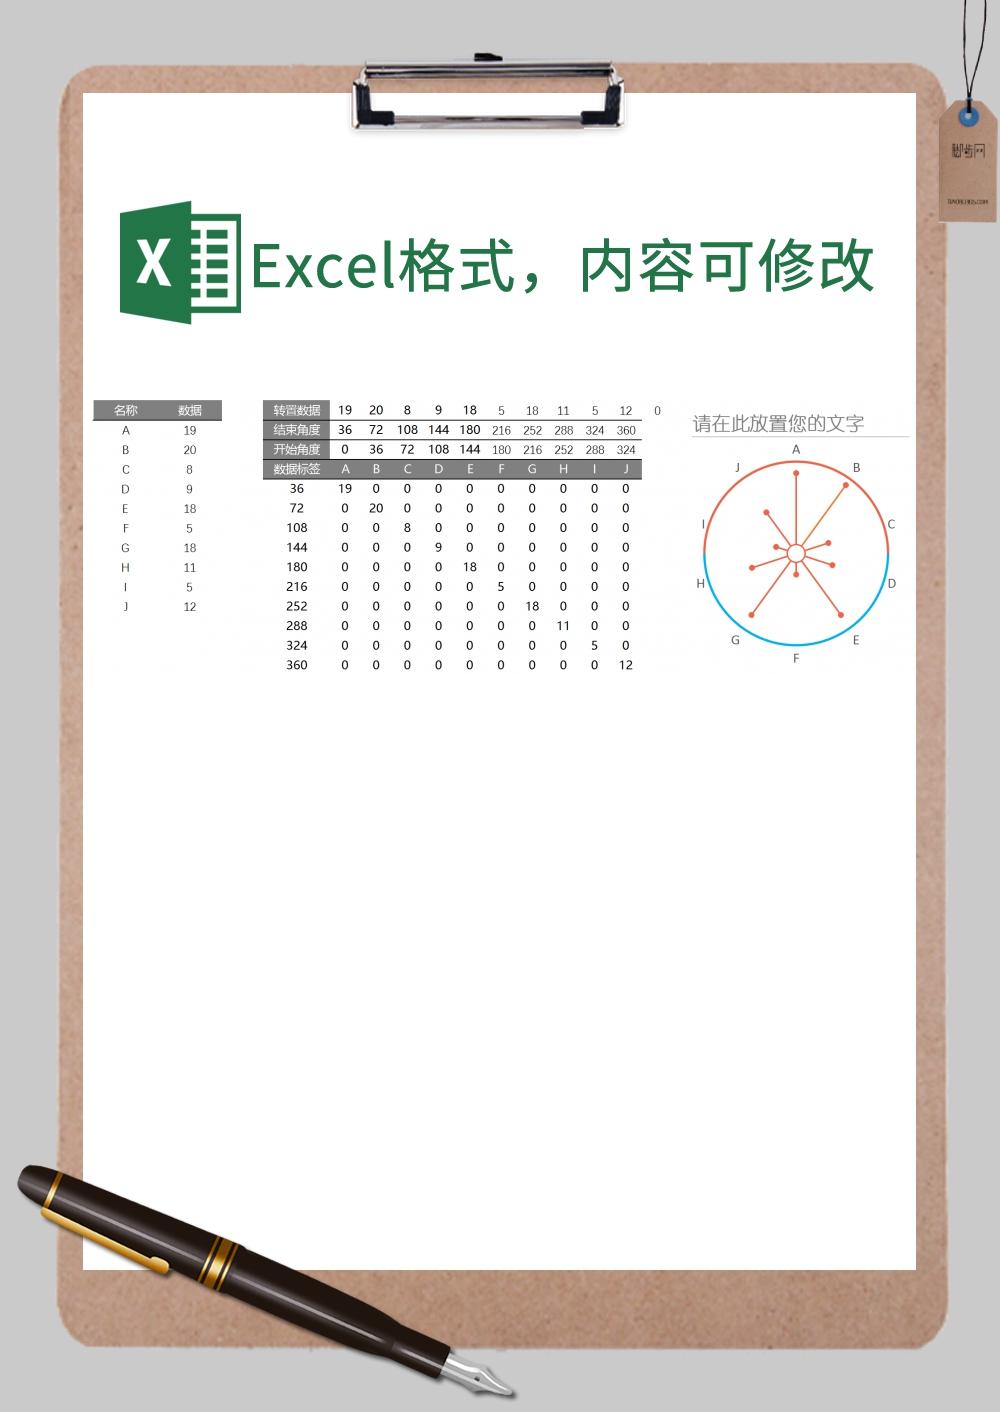 简约风向玫瑰图Excel模板